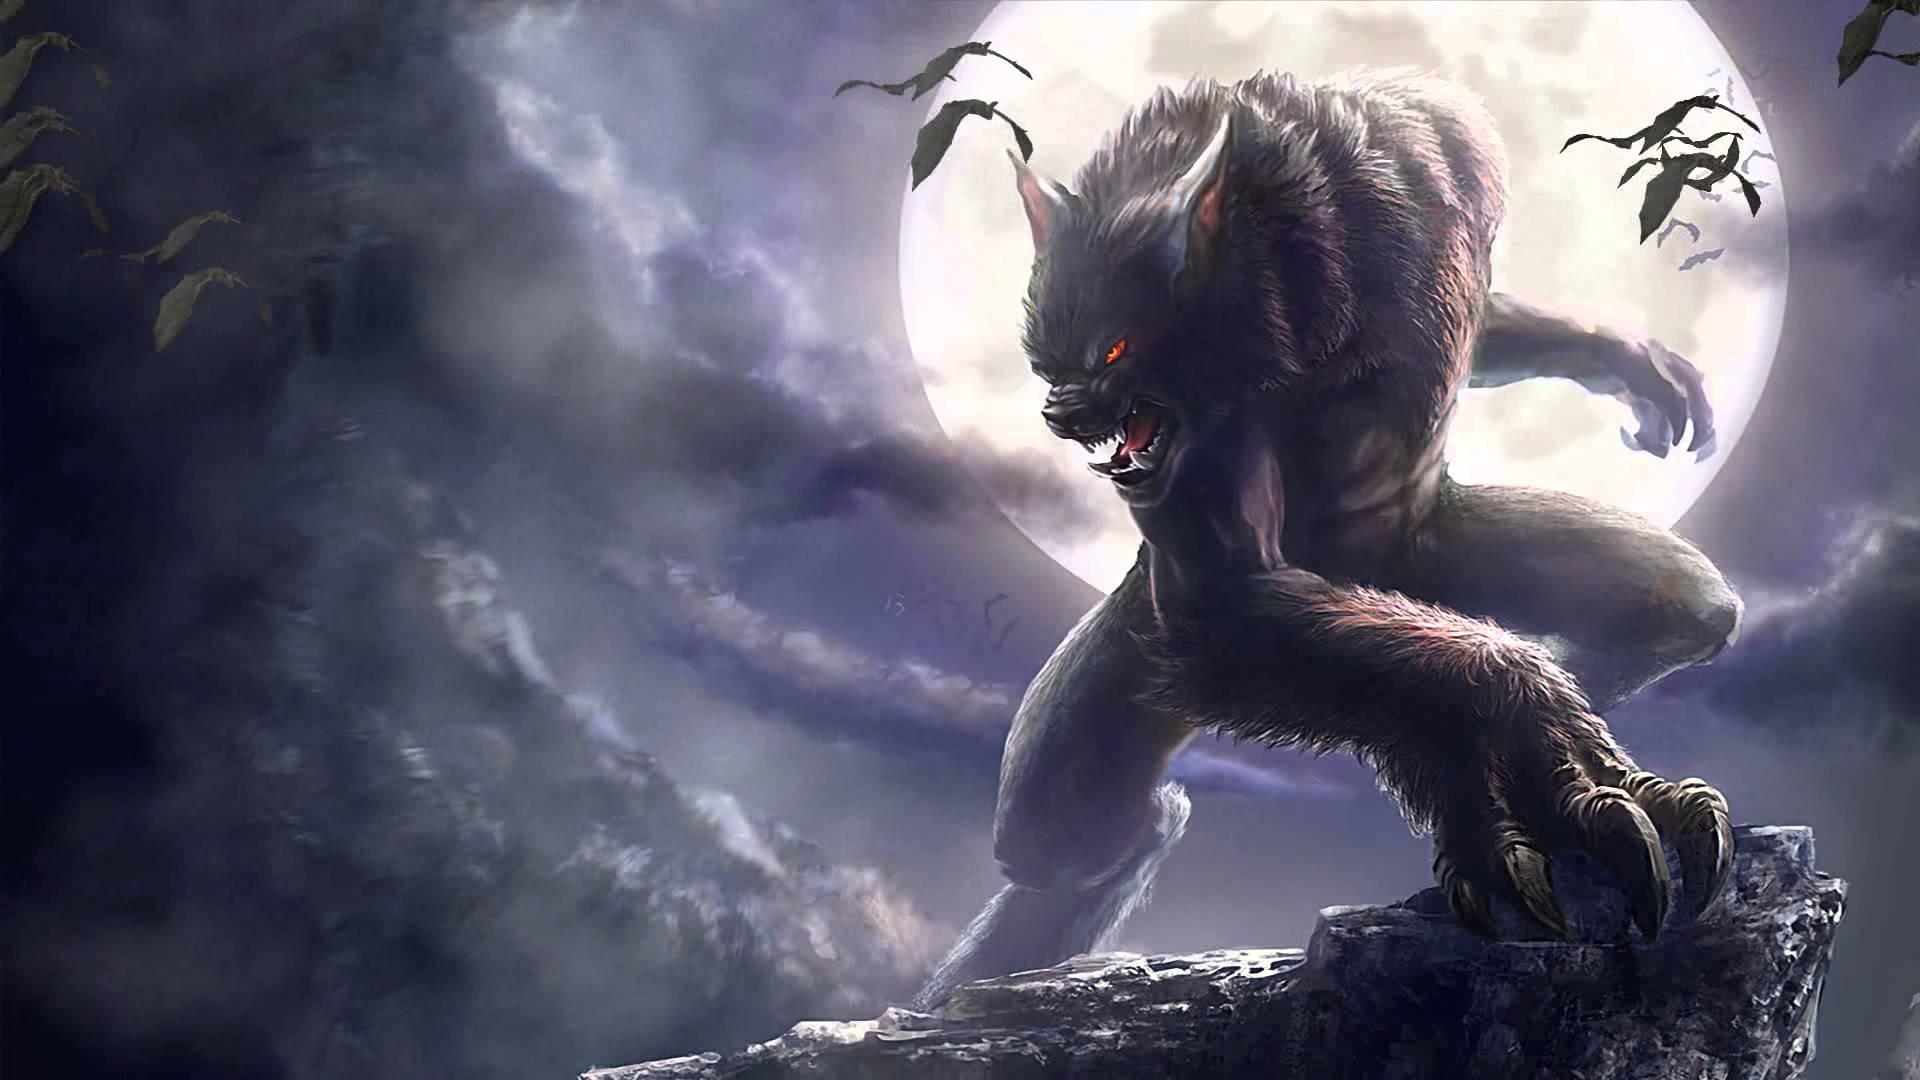 Werewolf Background Wallpaper 15549